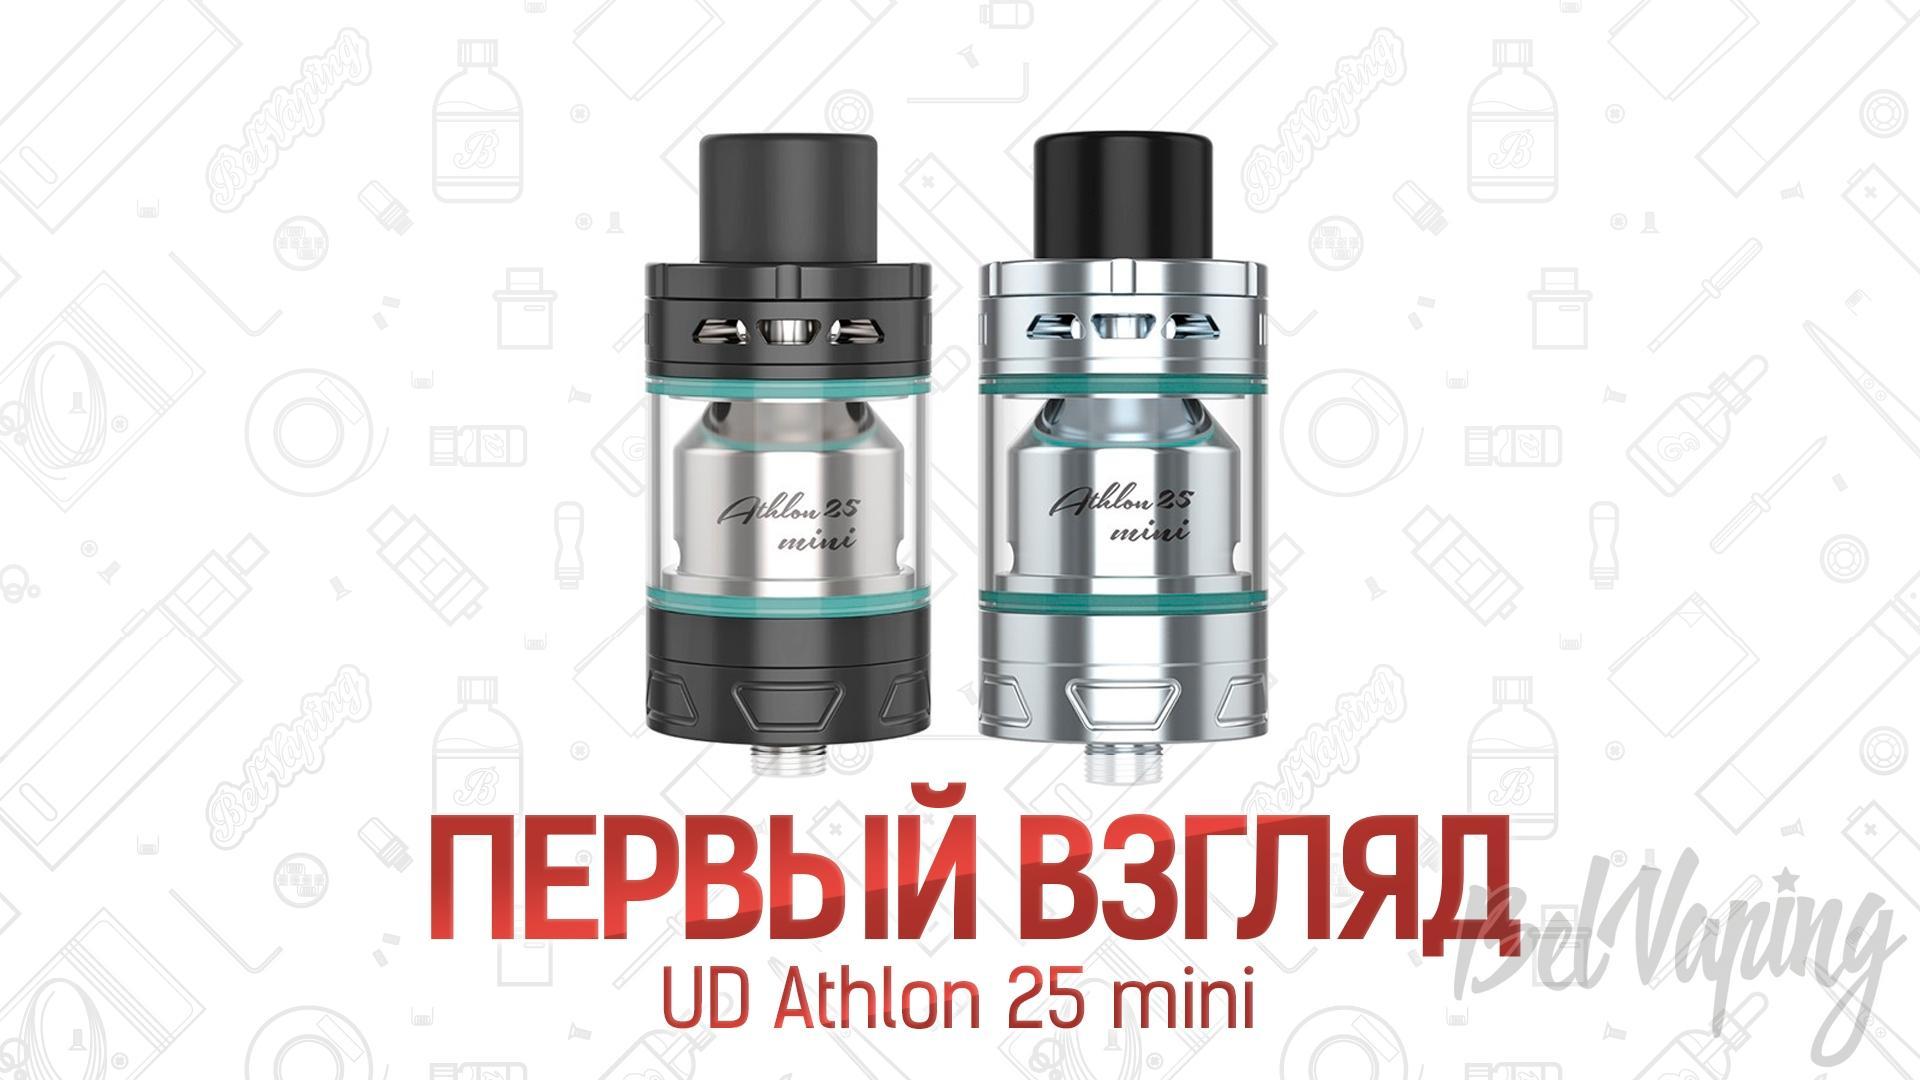 UD Athlon 25 mini. Первый взгляд